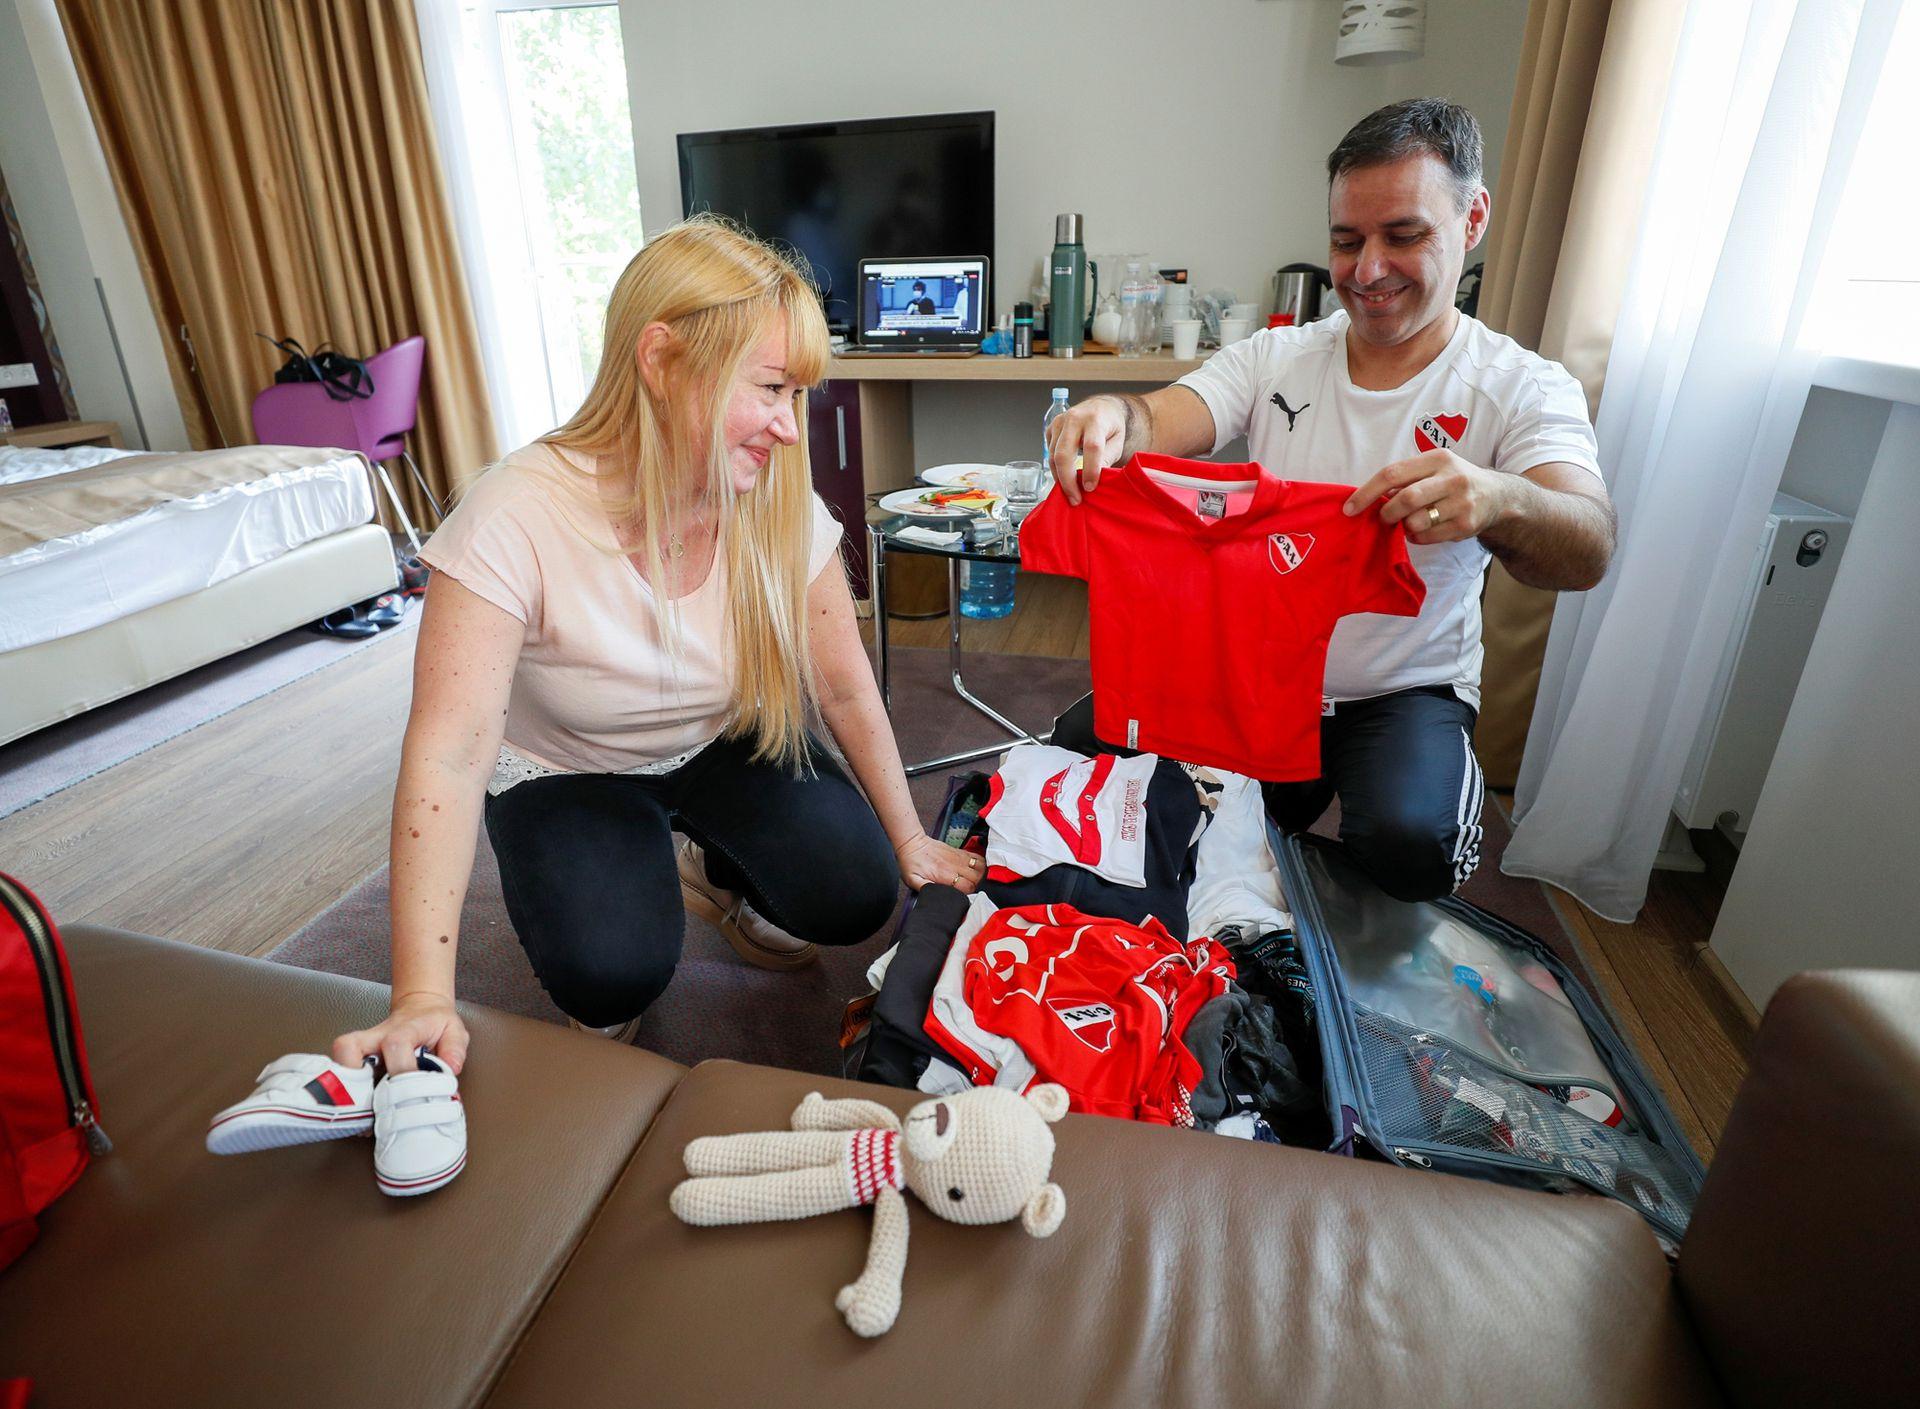 José Pérez y Flavia Lavorino de Buenos Aires empacan la ropa de bebé antes de conocer a su hijo Manuel por primera vez